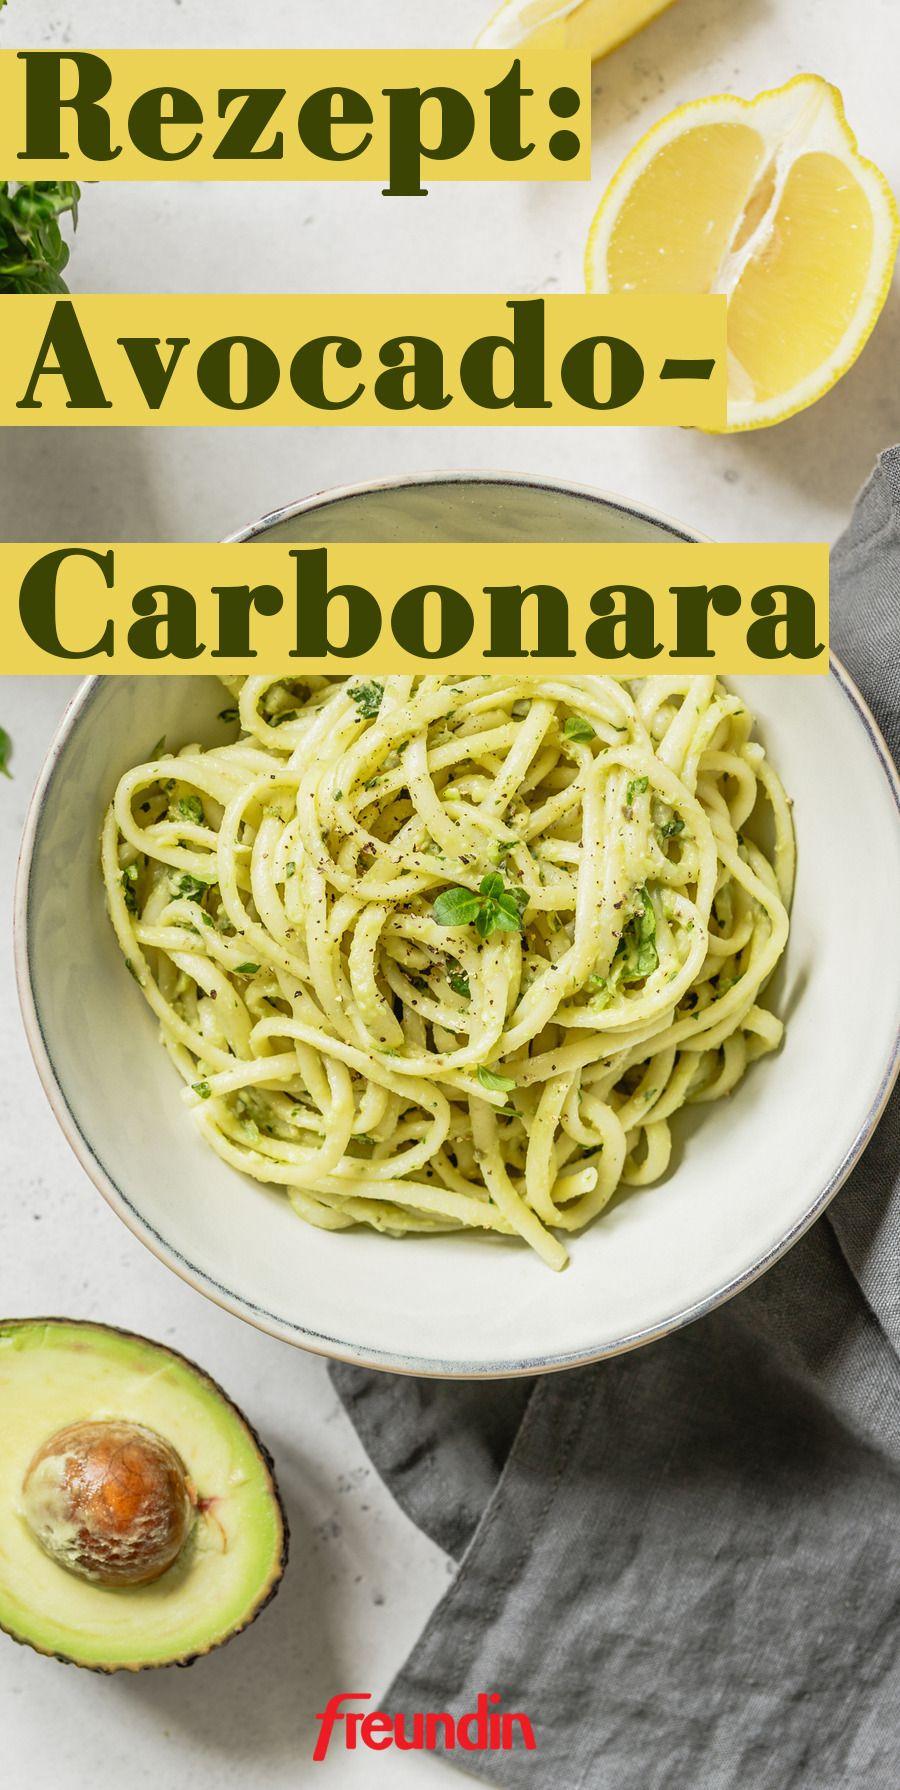 Rezept mal anders: Avocado-Carbonara   freundin.de